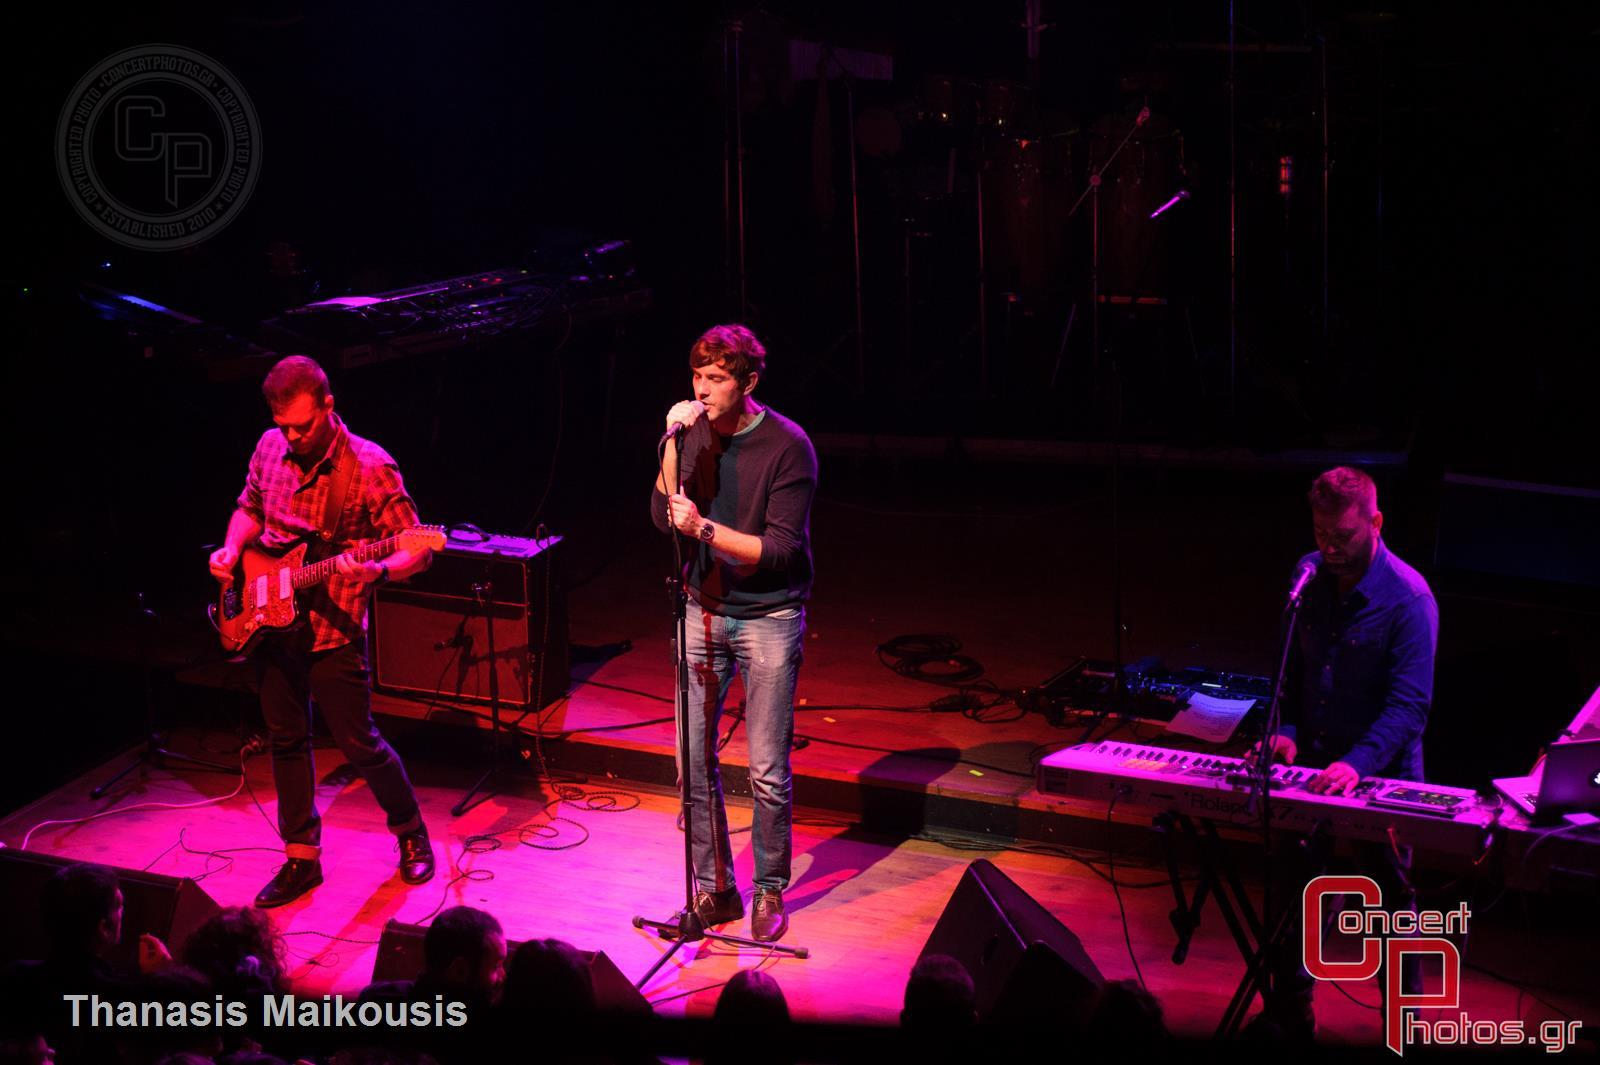 Sebastien Telier & Liebe-Sebastien Telier Liebe photographer: Thanasis Maikousis - concertphotos_20141107_22_47_31